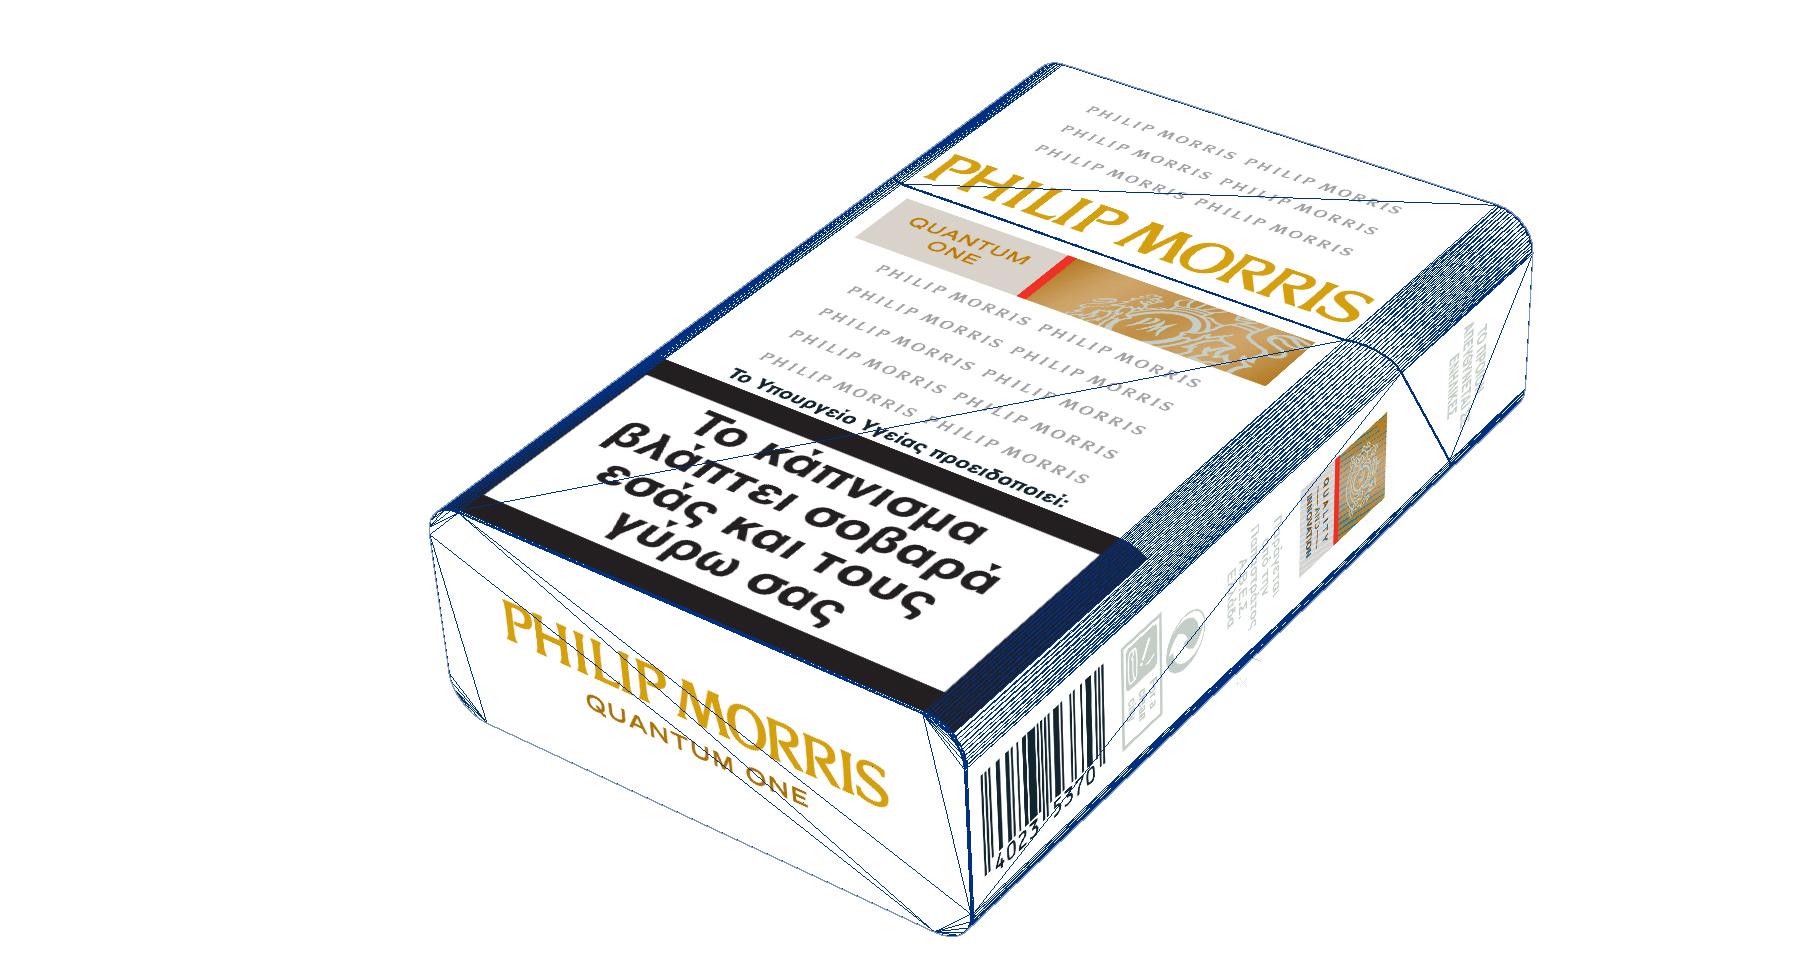 philip max